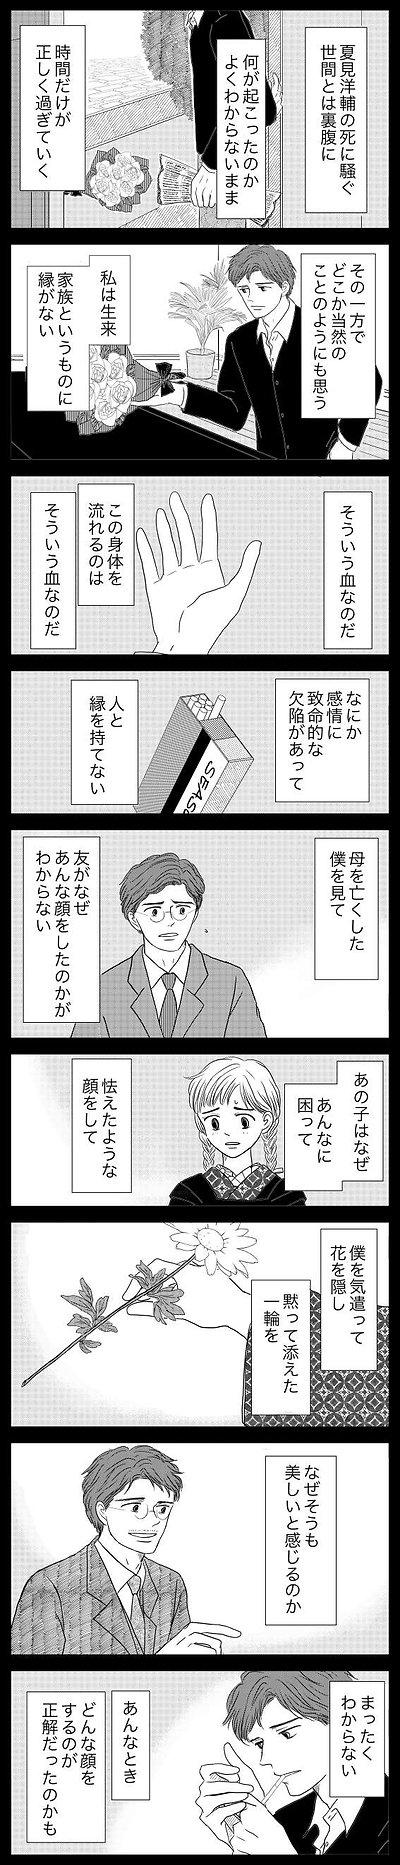 洋輔さん29.jpg